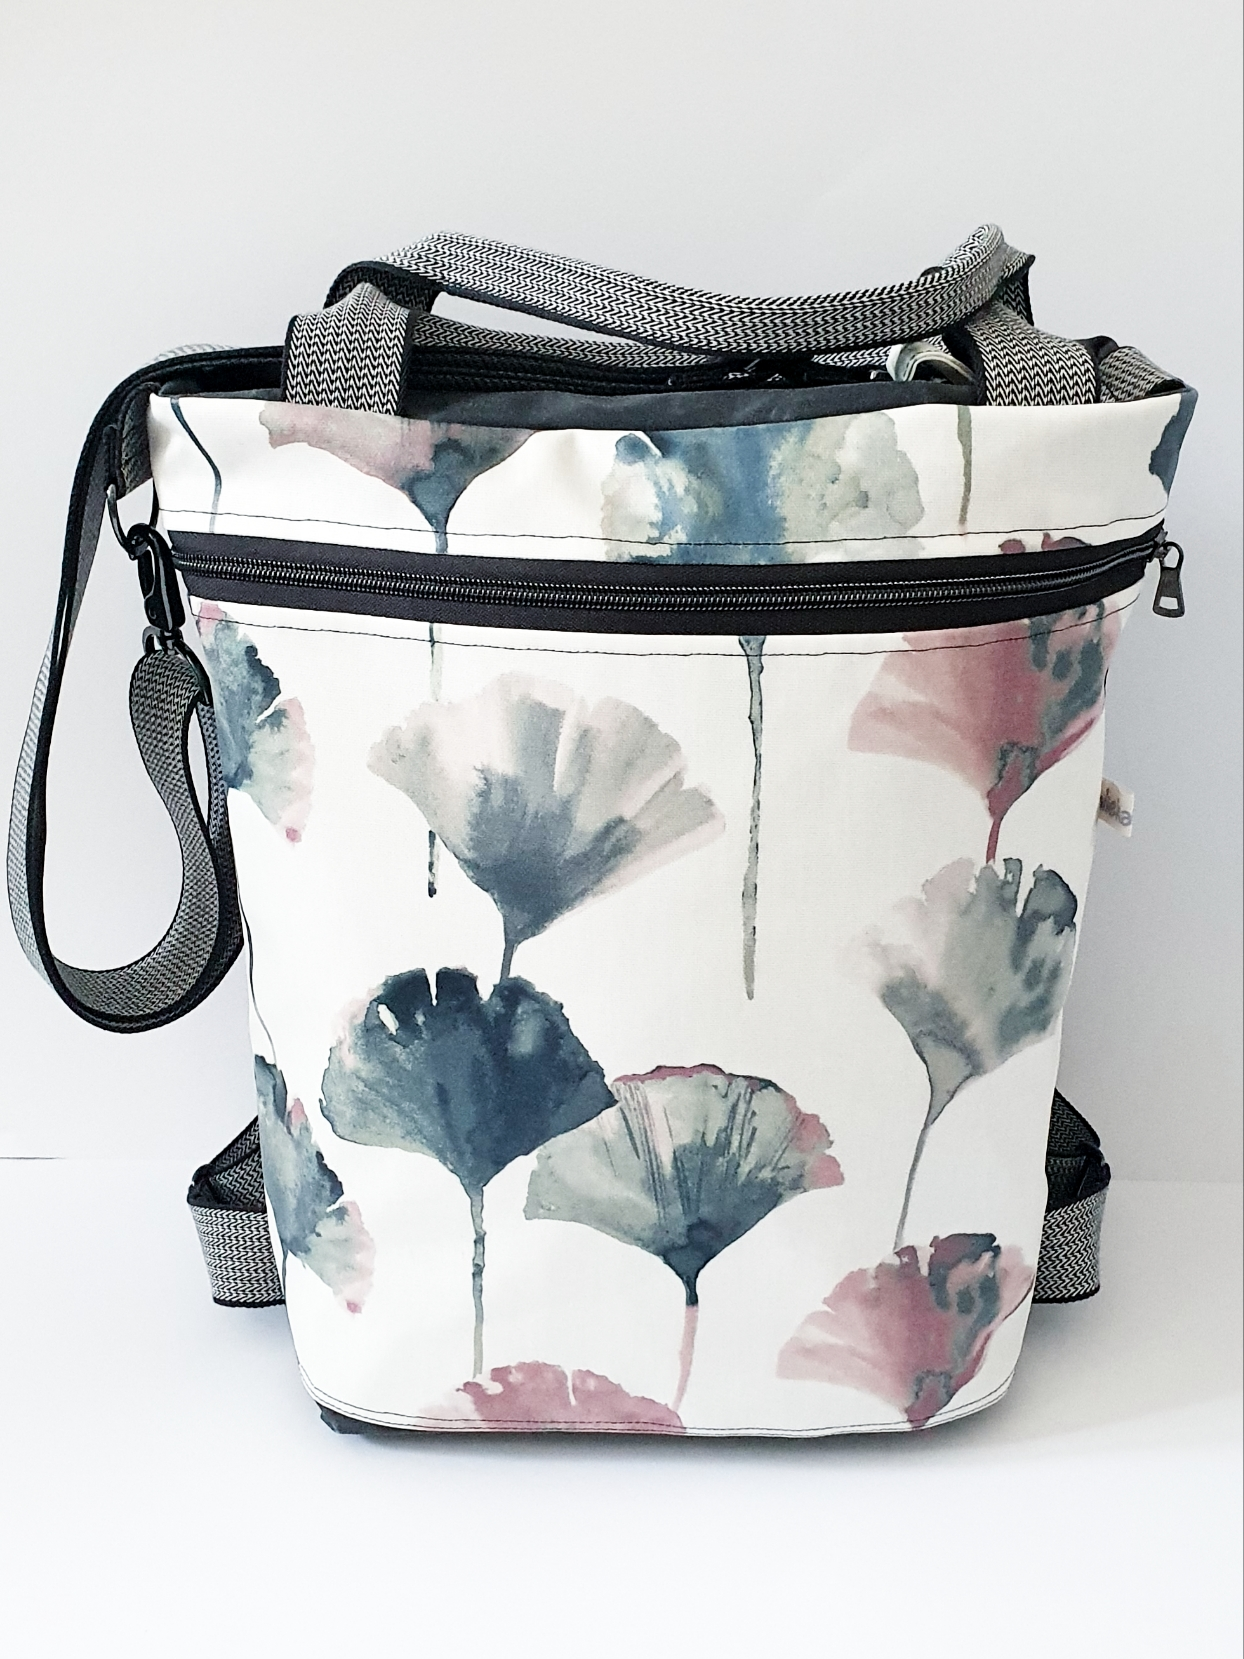 3in1 Bag L, Oilskin kombiniert mit Wachstuch, verkauft